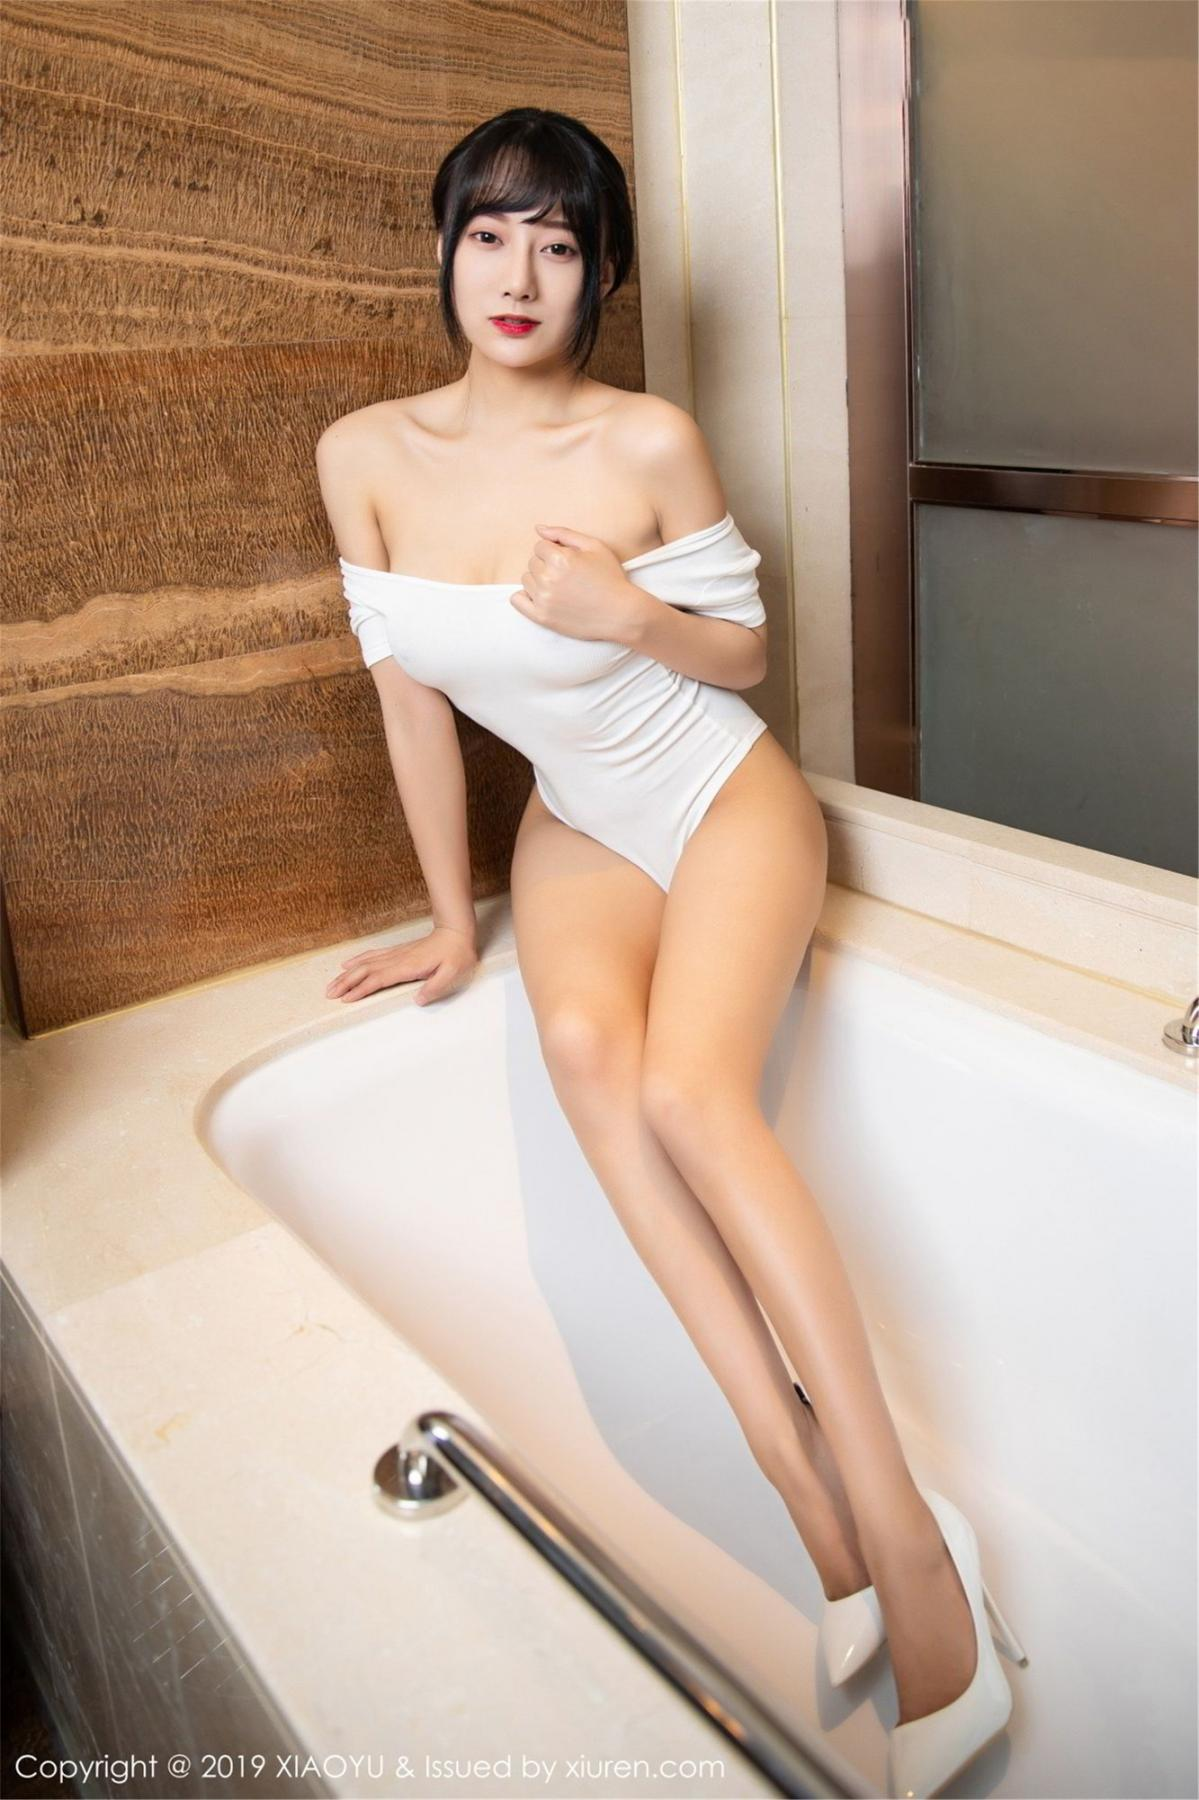 [XiaoYu] Vol.116 He Jia Ying 21P, Bathroom, He Jia Ying, Wet, XiaoYu